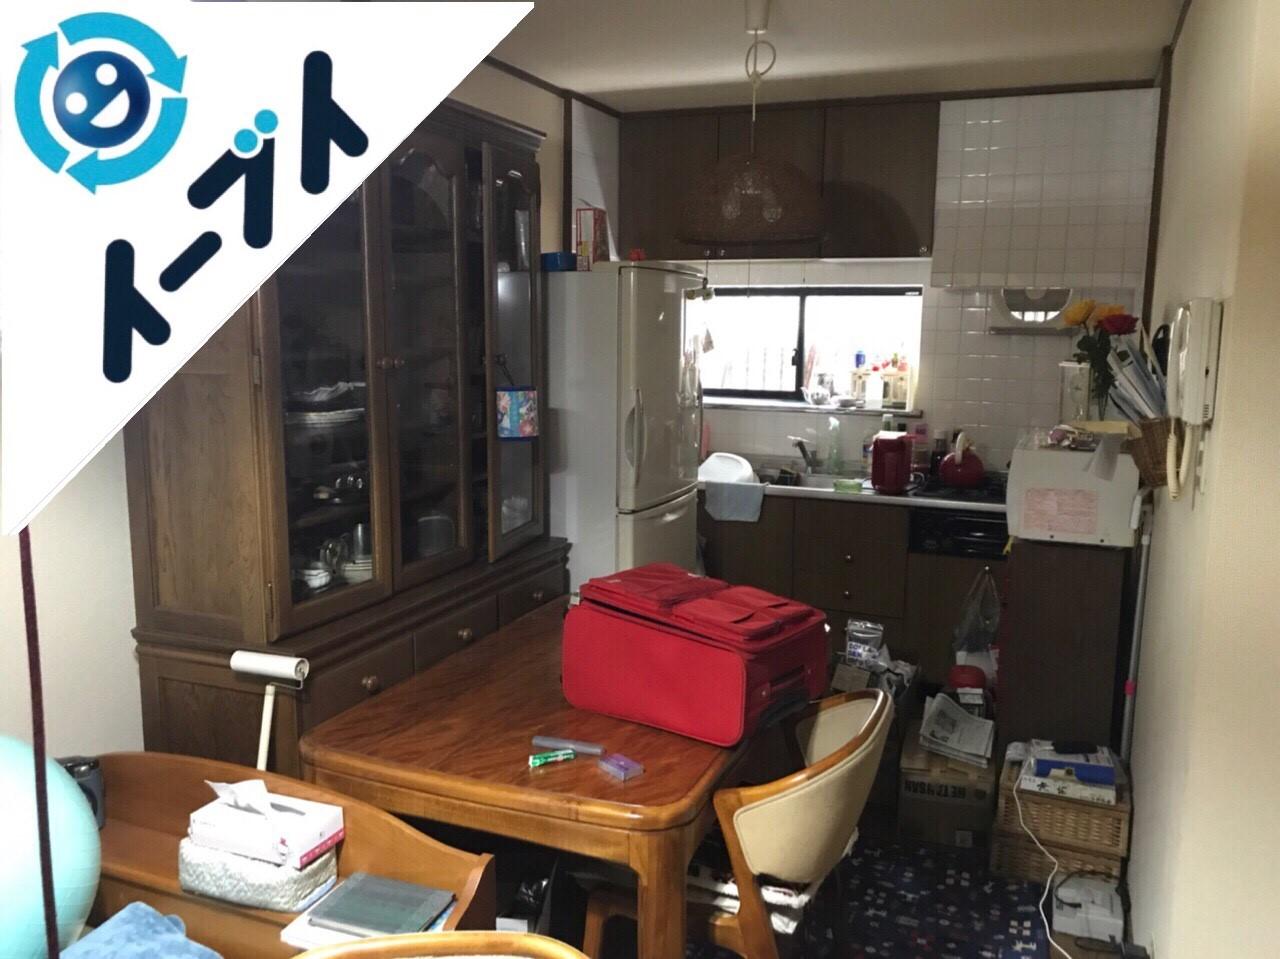 大阪府大阪市城東区でダイニングテーブルや食器棚など大型家具の不用品回収をしました。4